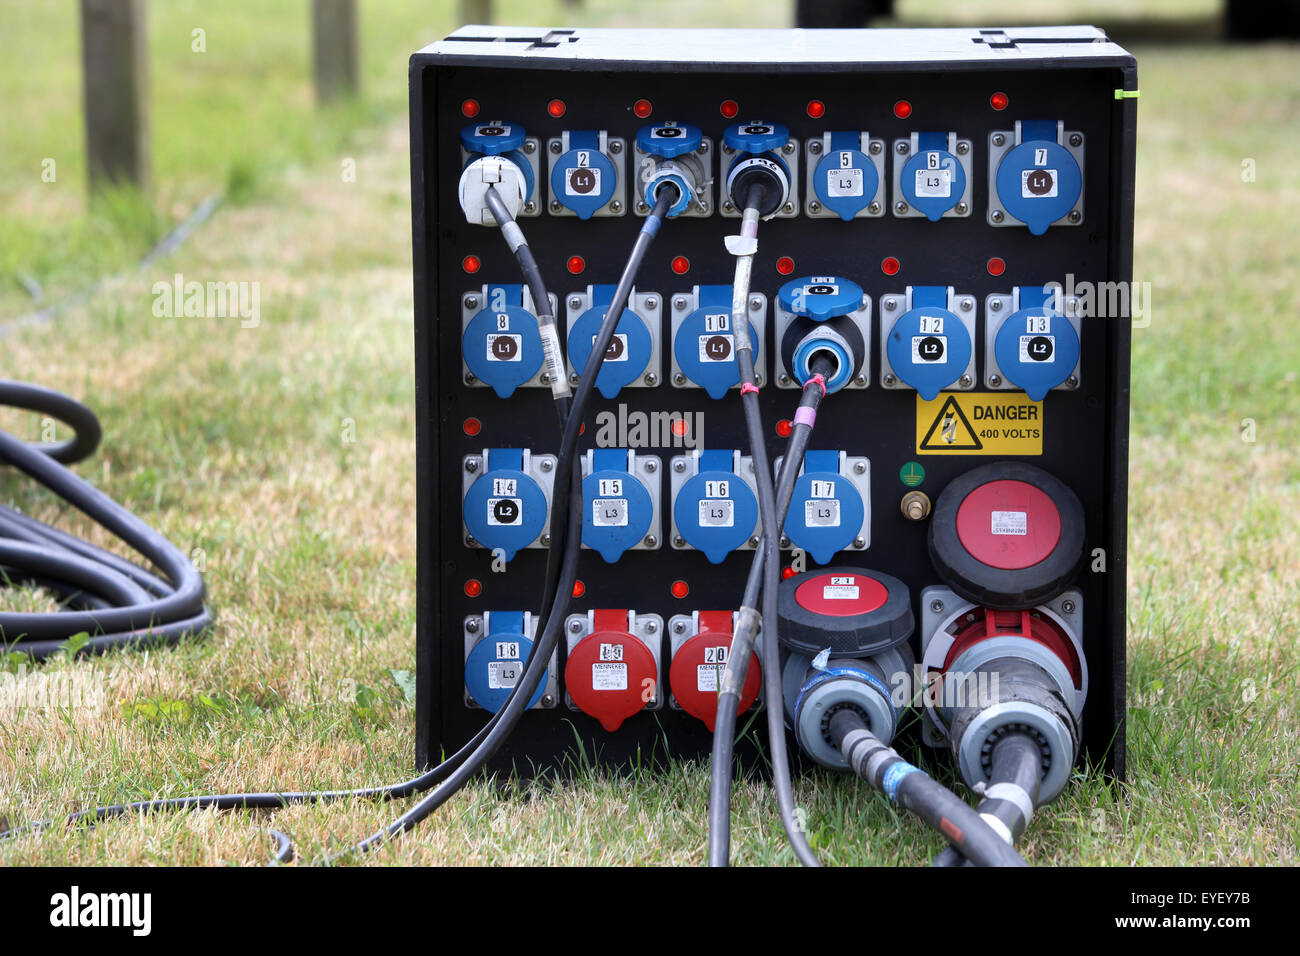 All'esterno elettricità gestione alimentazione scatola di giunzione in corrispondenza di un evento esterno Immagini Stock